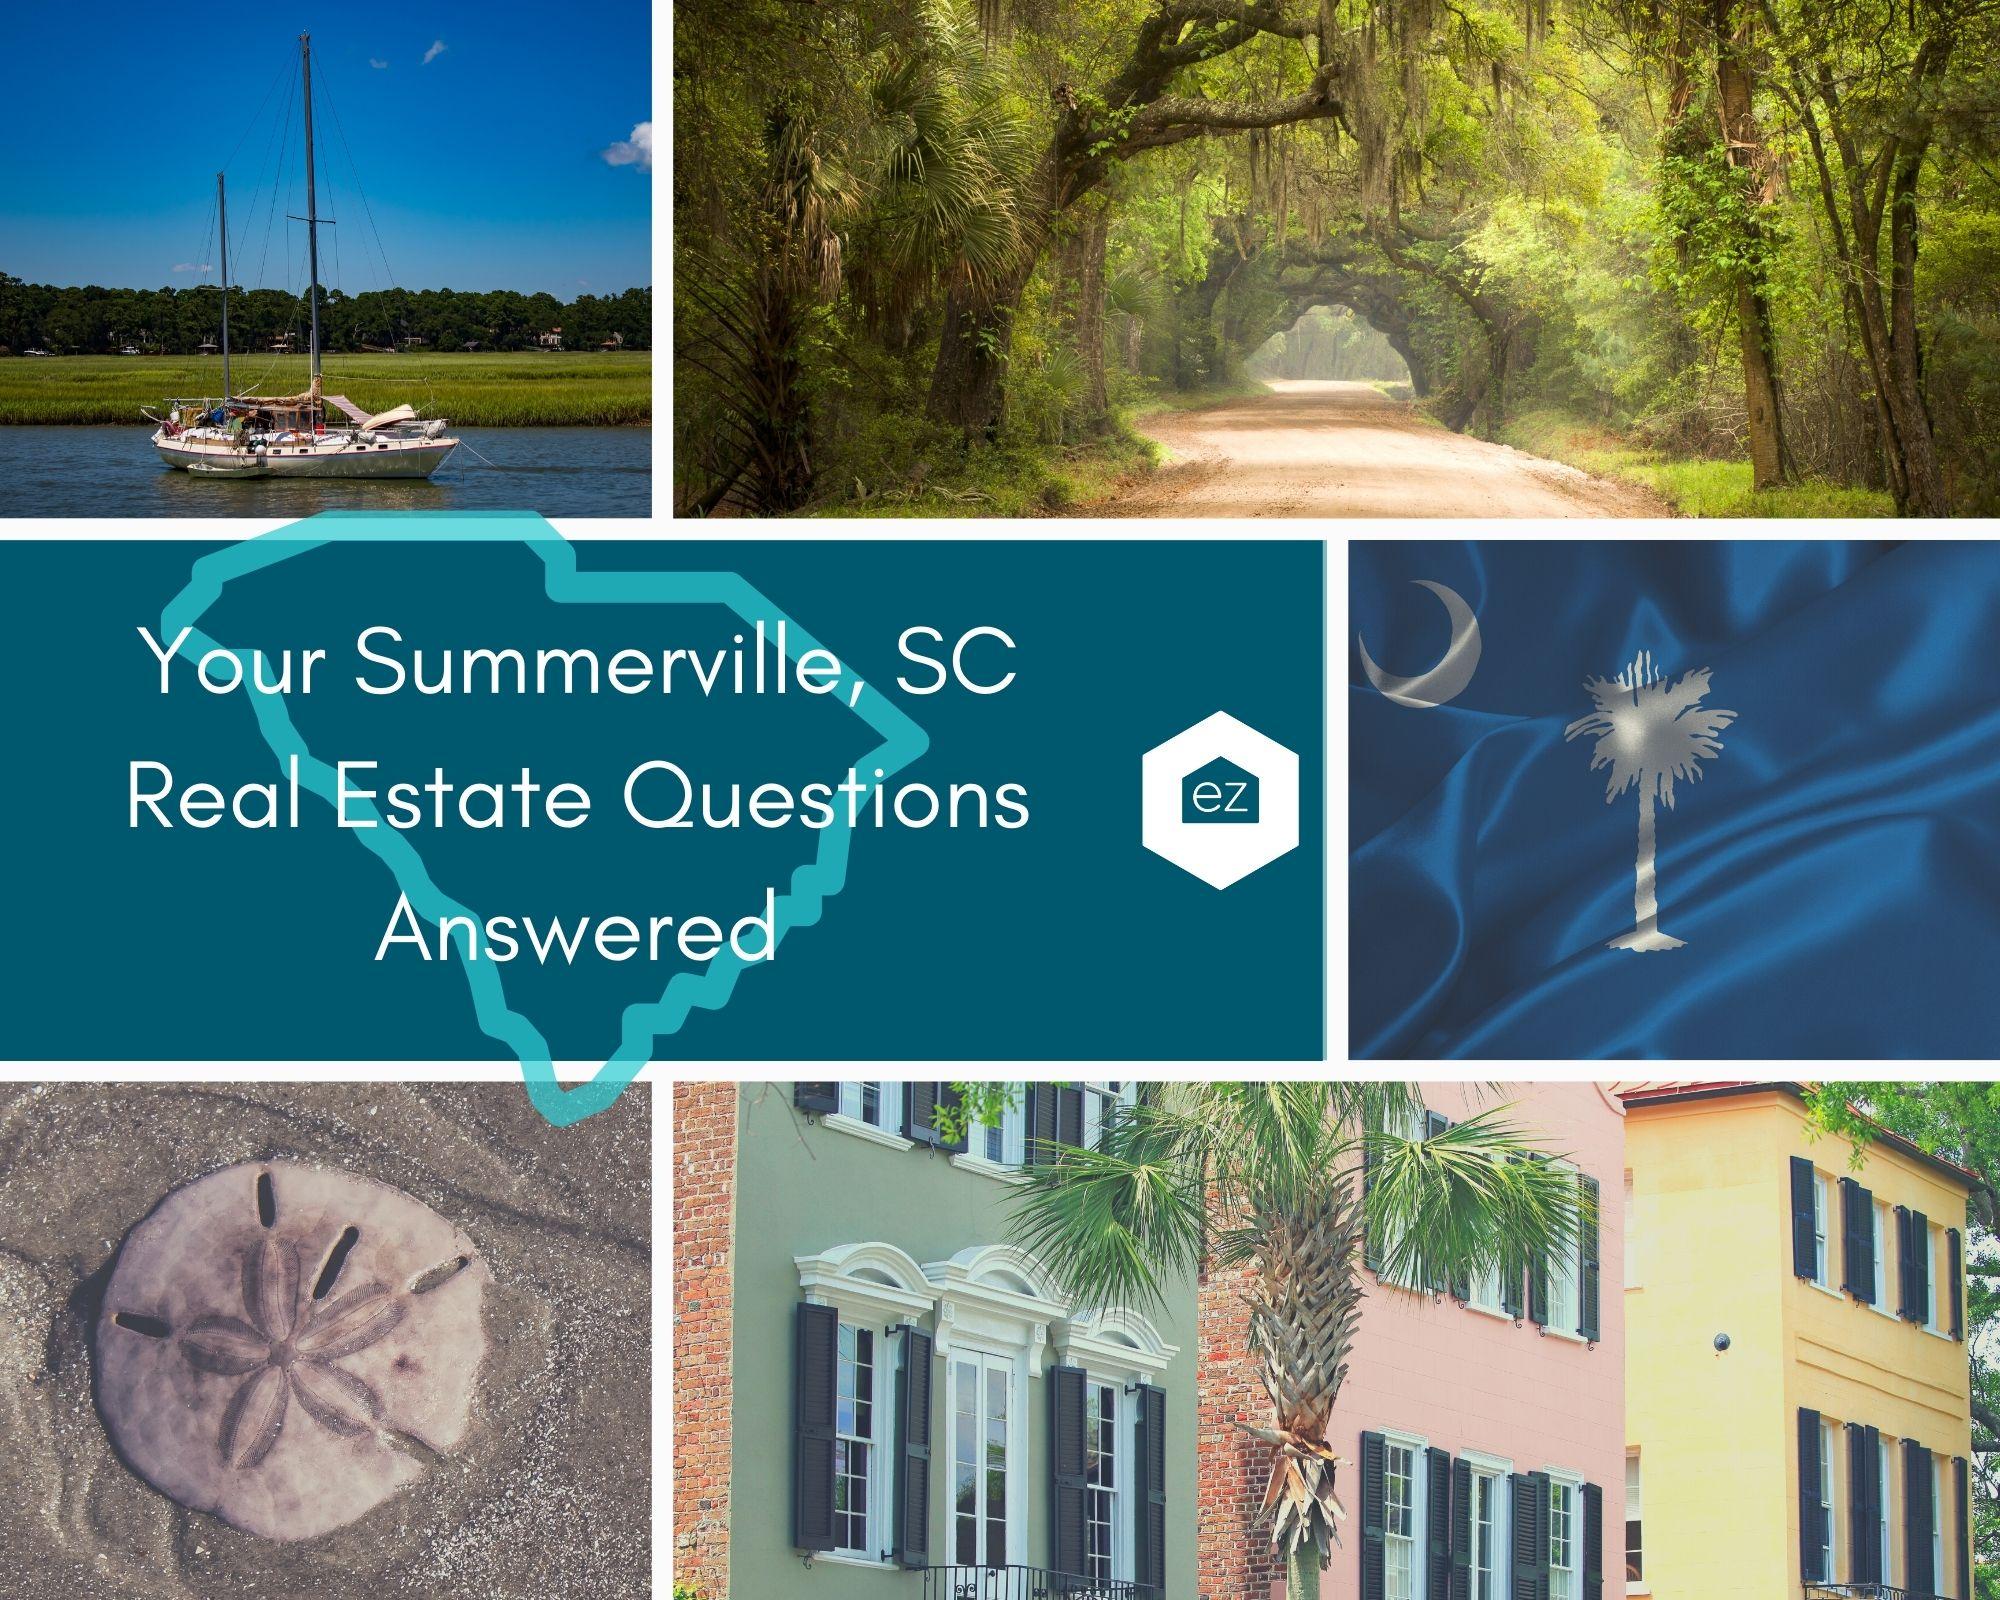 Photos taken in Summerville South Carolina